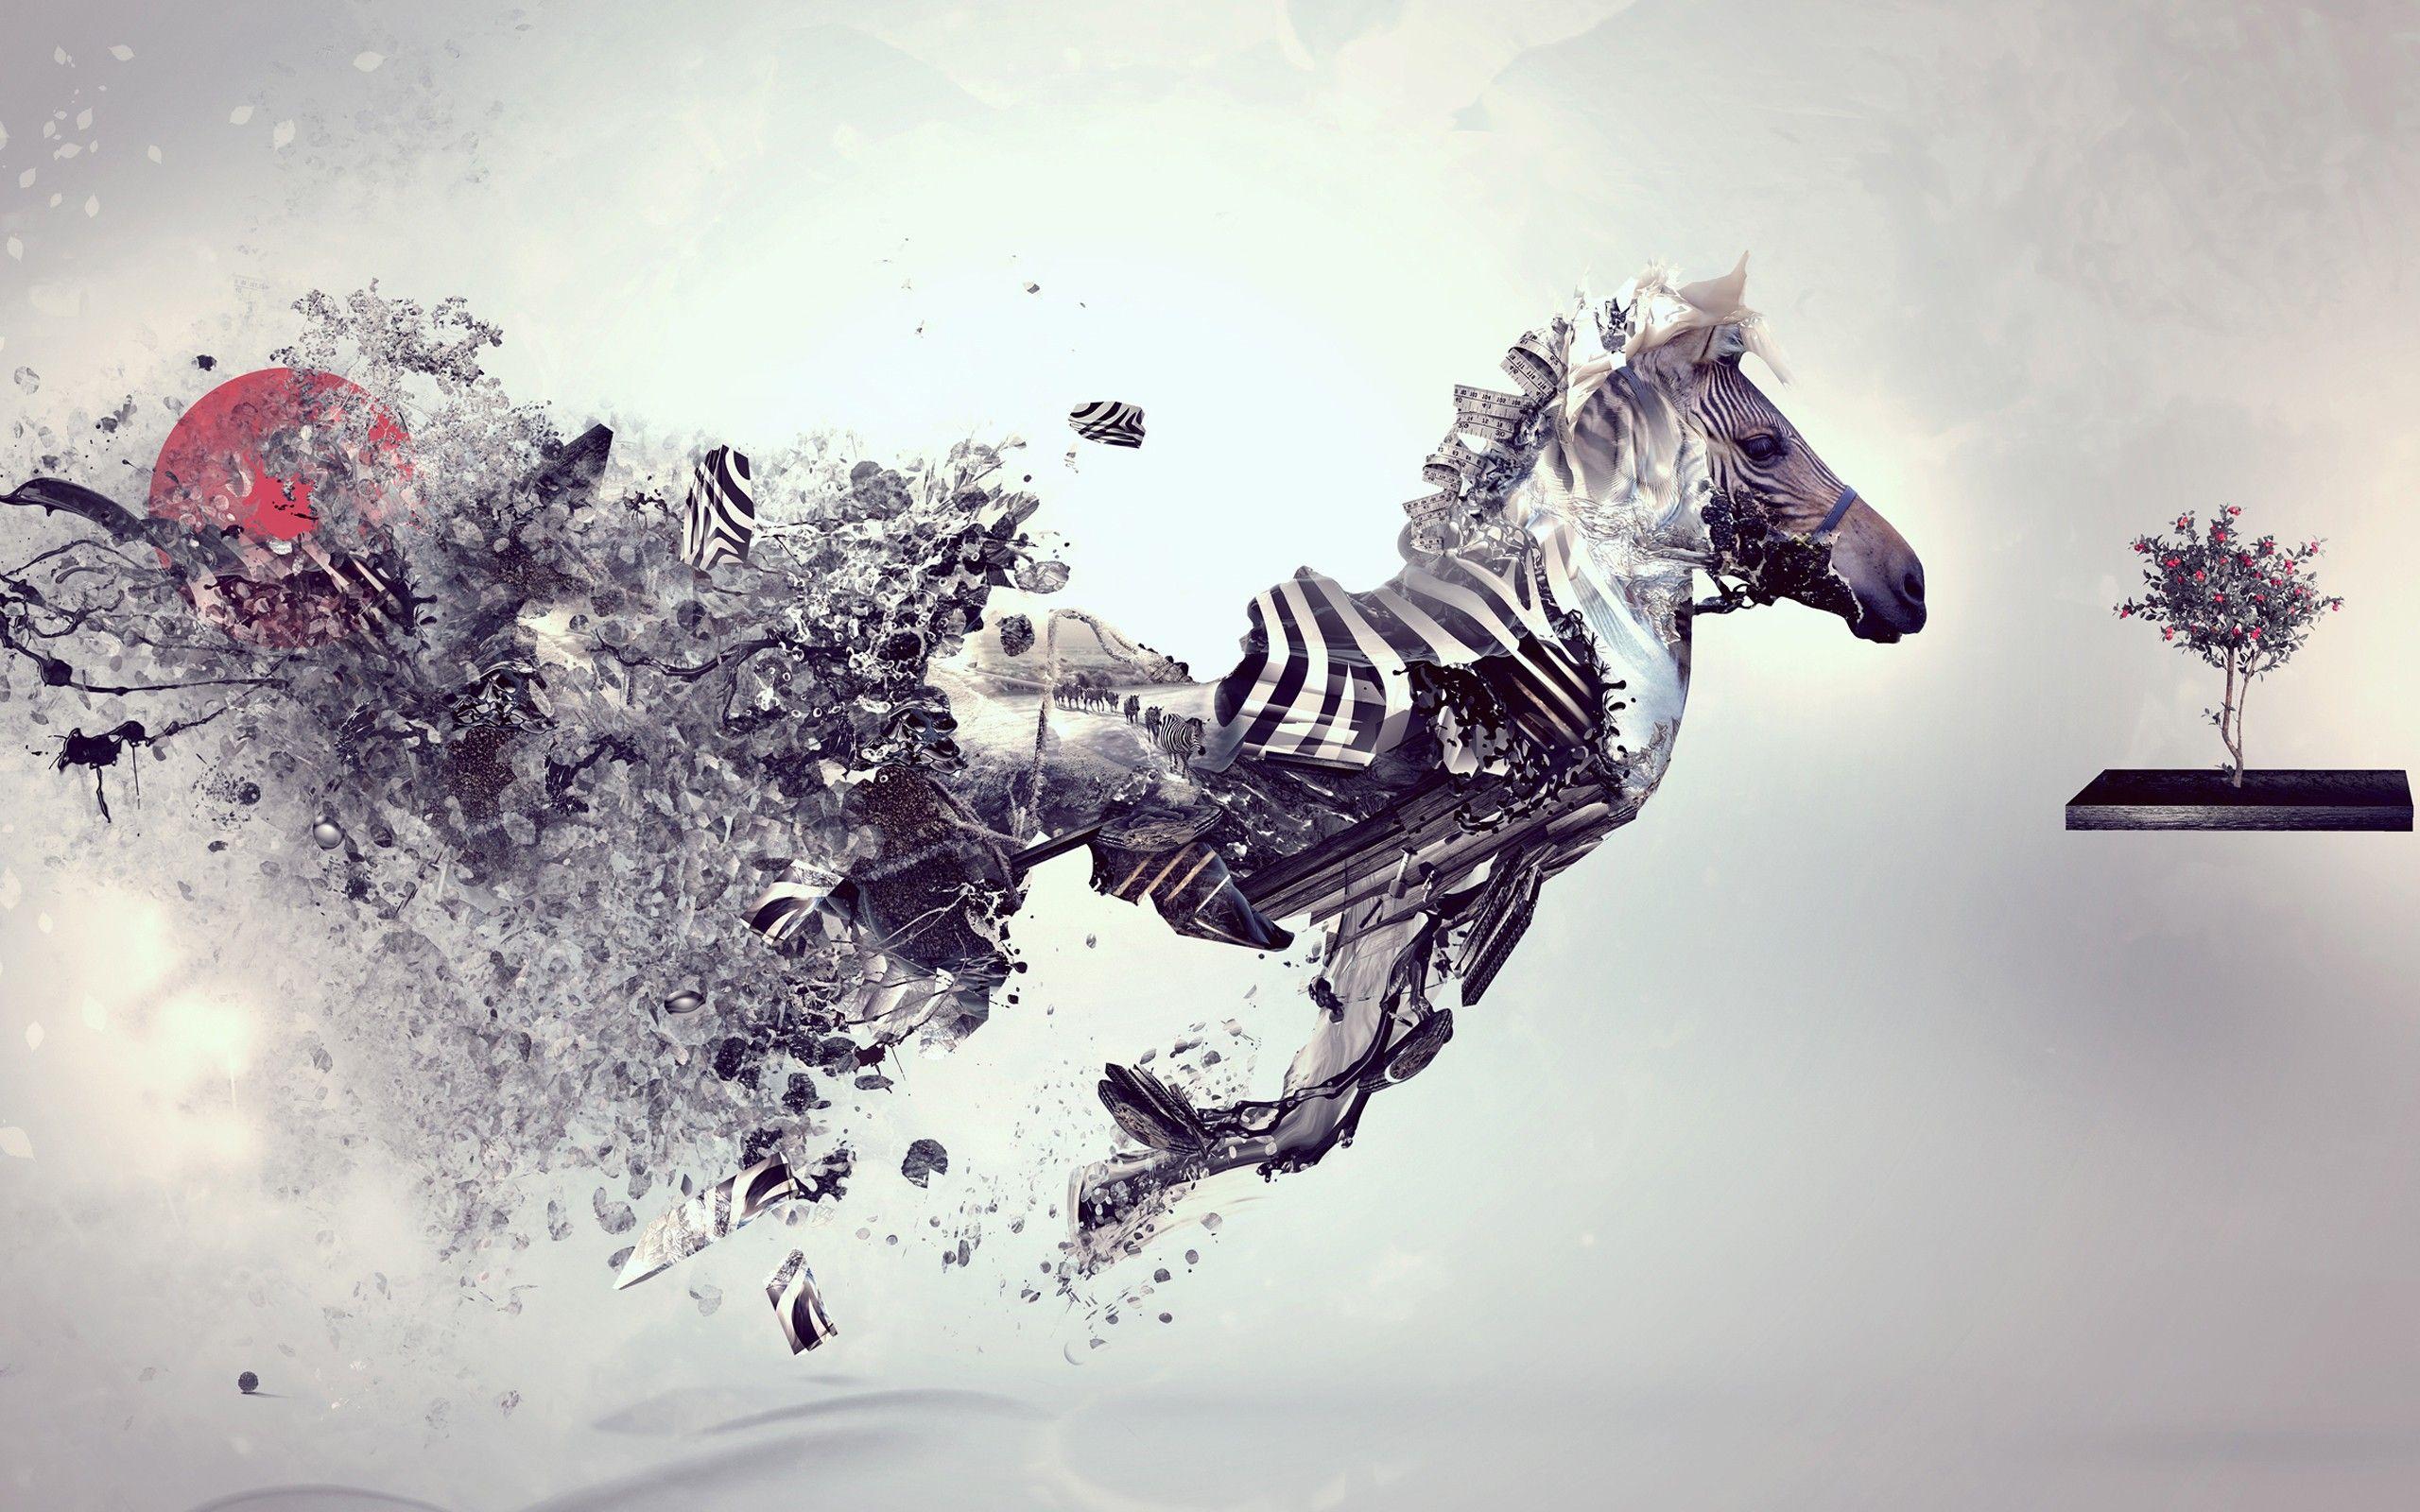 Best Wallpaper Horse Creative - 65df45a2a505fd911eba6f668b2501d5  Image_639218.jpg